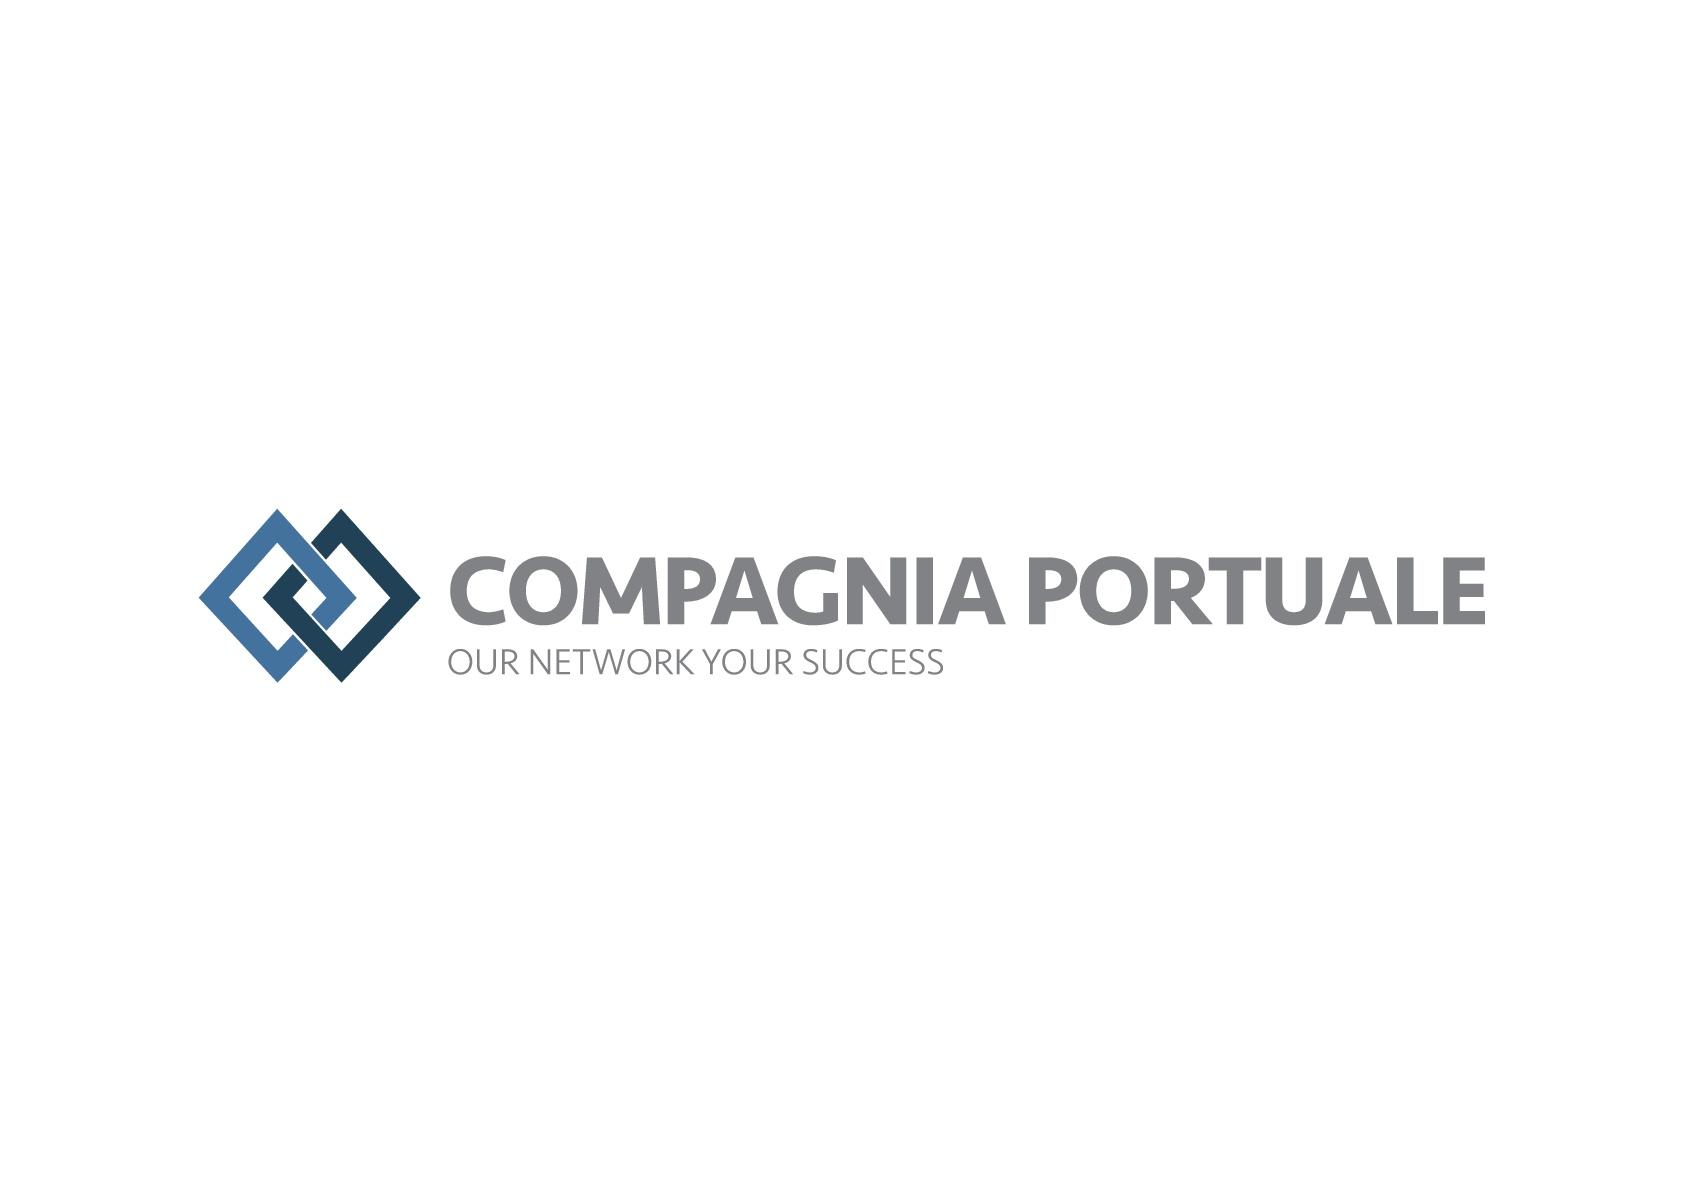 COMPAGNIA PORTUALE